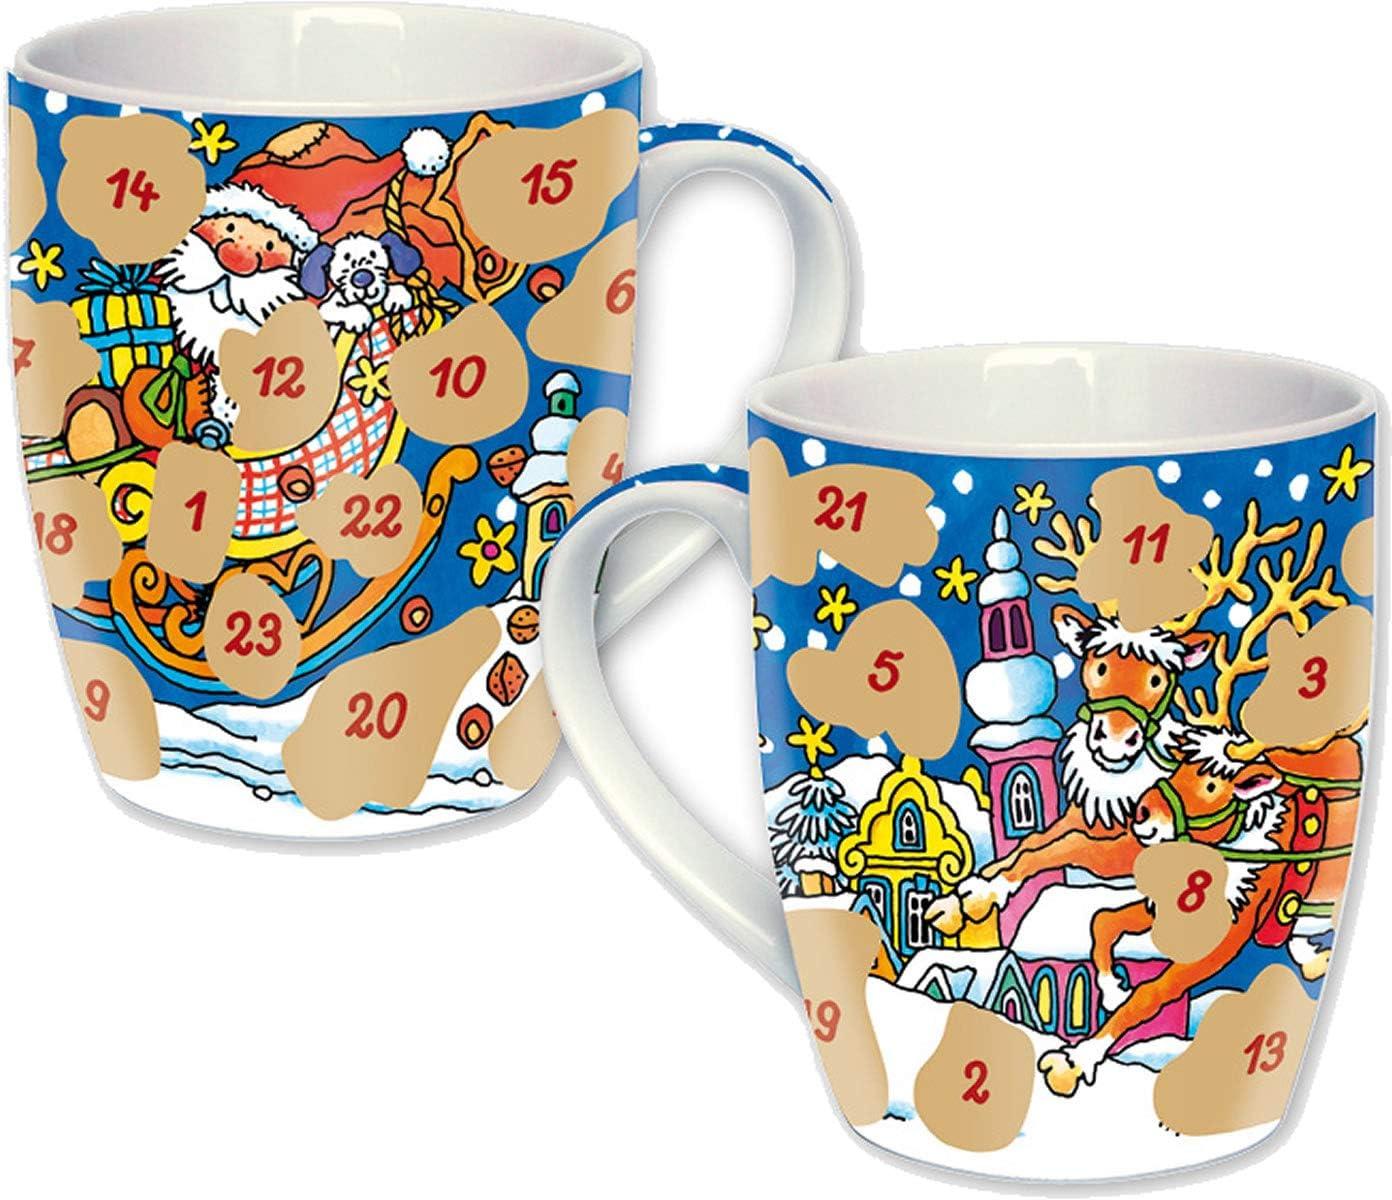 Lutz Mauder Adventskalender als Tasse mit 24 Fl/ächen Zum Freirubbeln Version 2019 Geschenk Advent Weihnachten Kalender /Überraschung